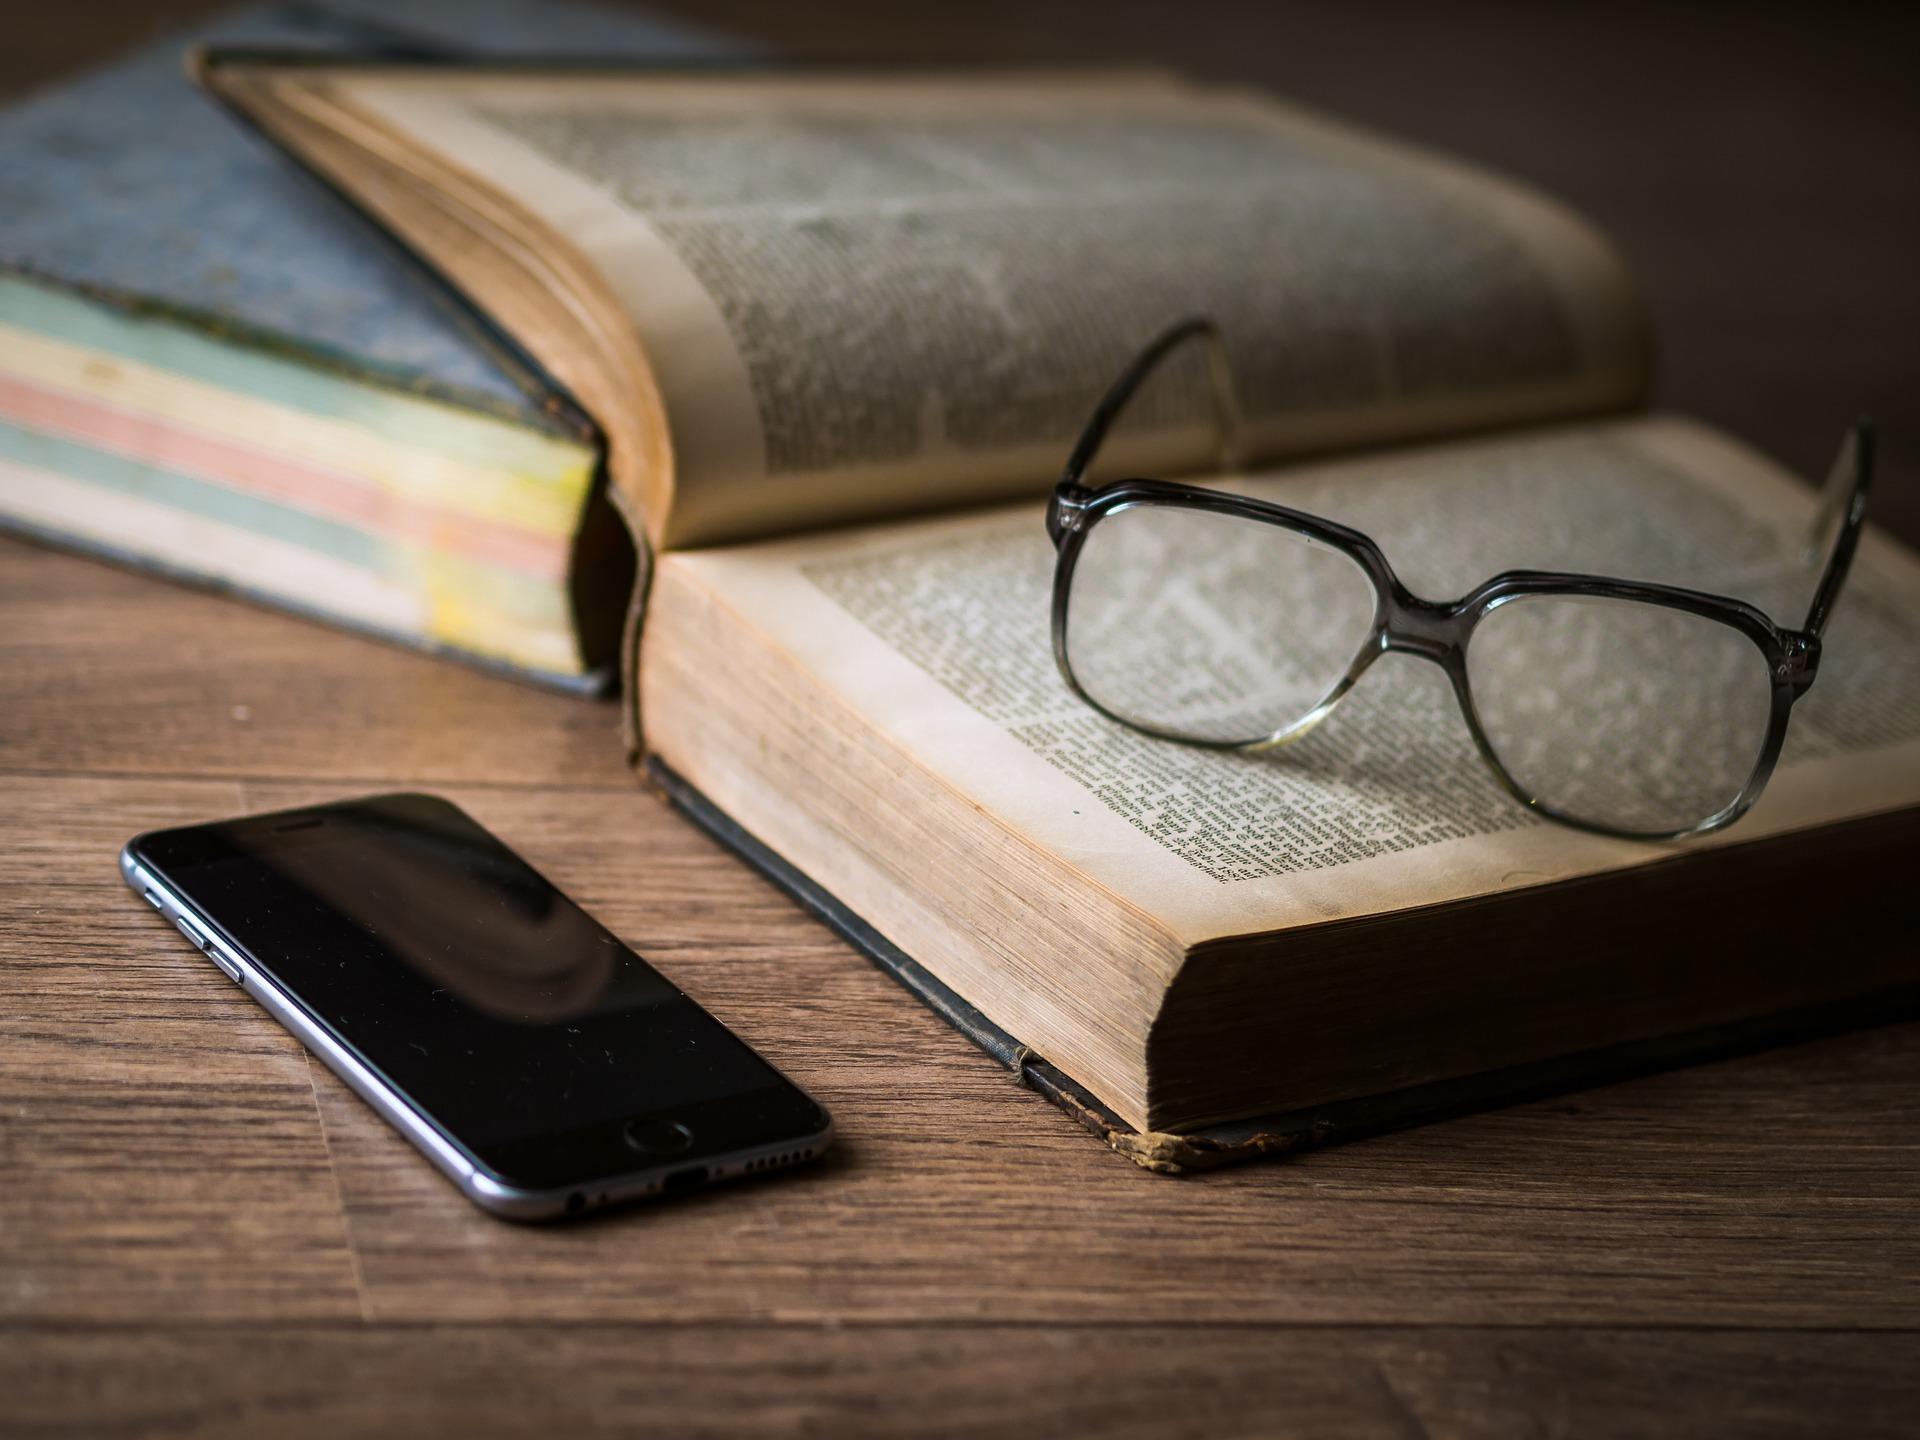 phone-1052023_1920 (c) www.pixabay.com